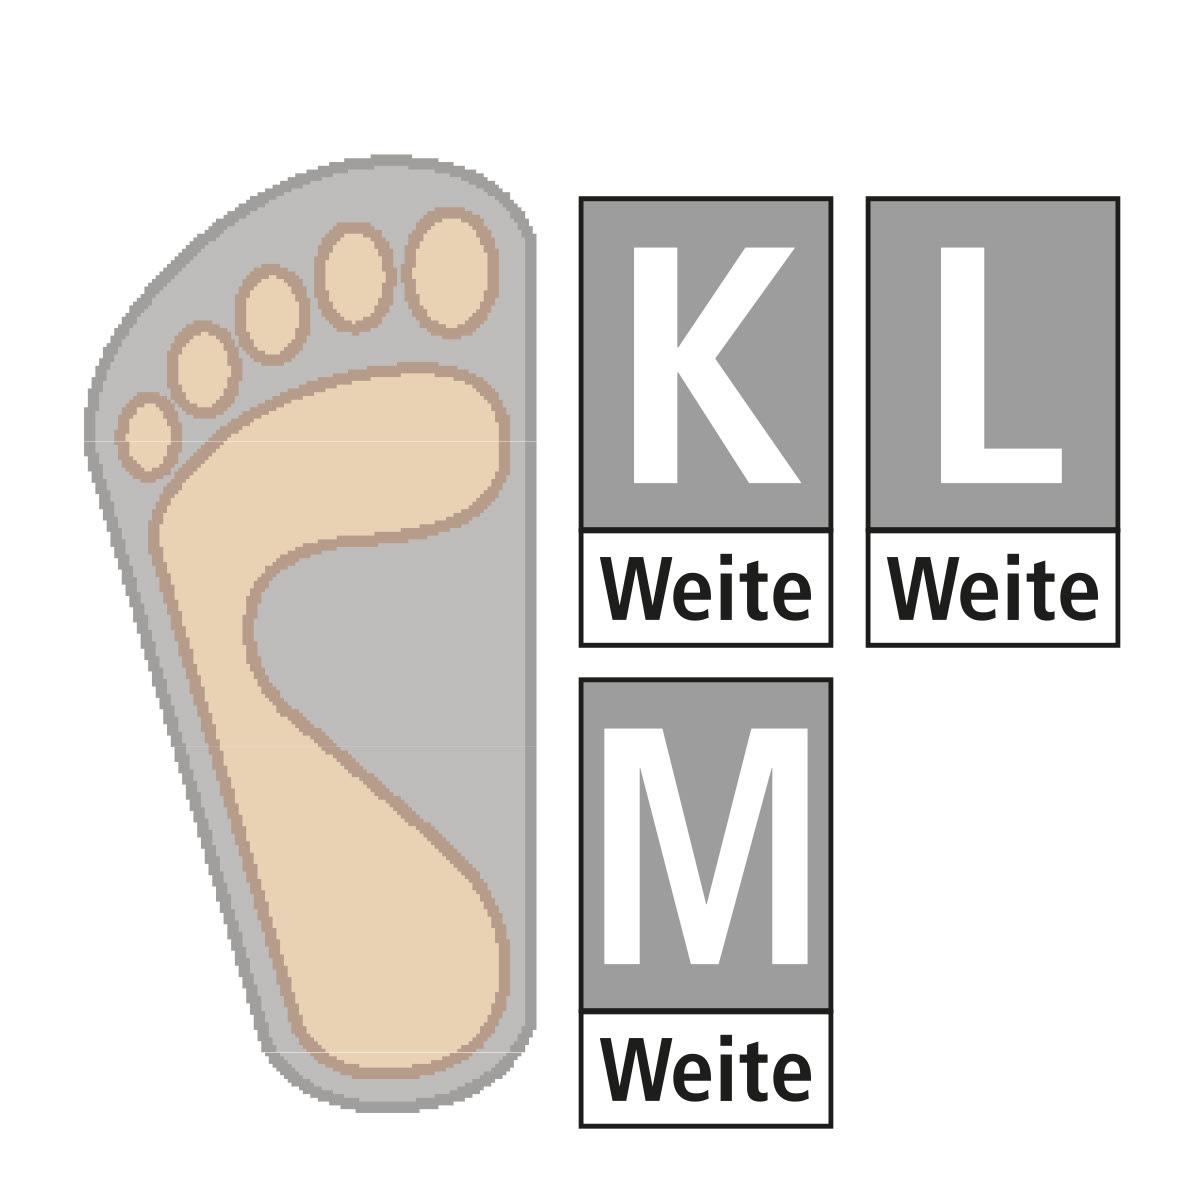 Schuhe - Weite K L M